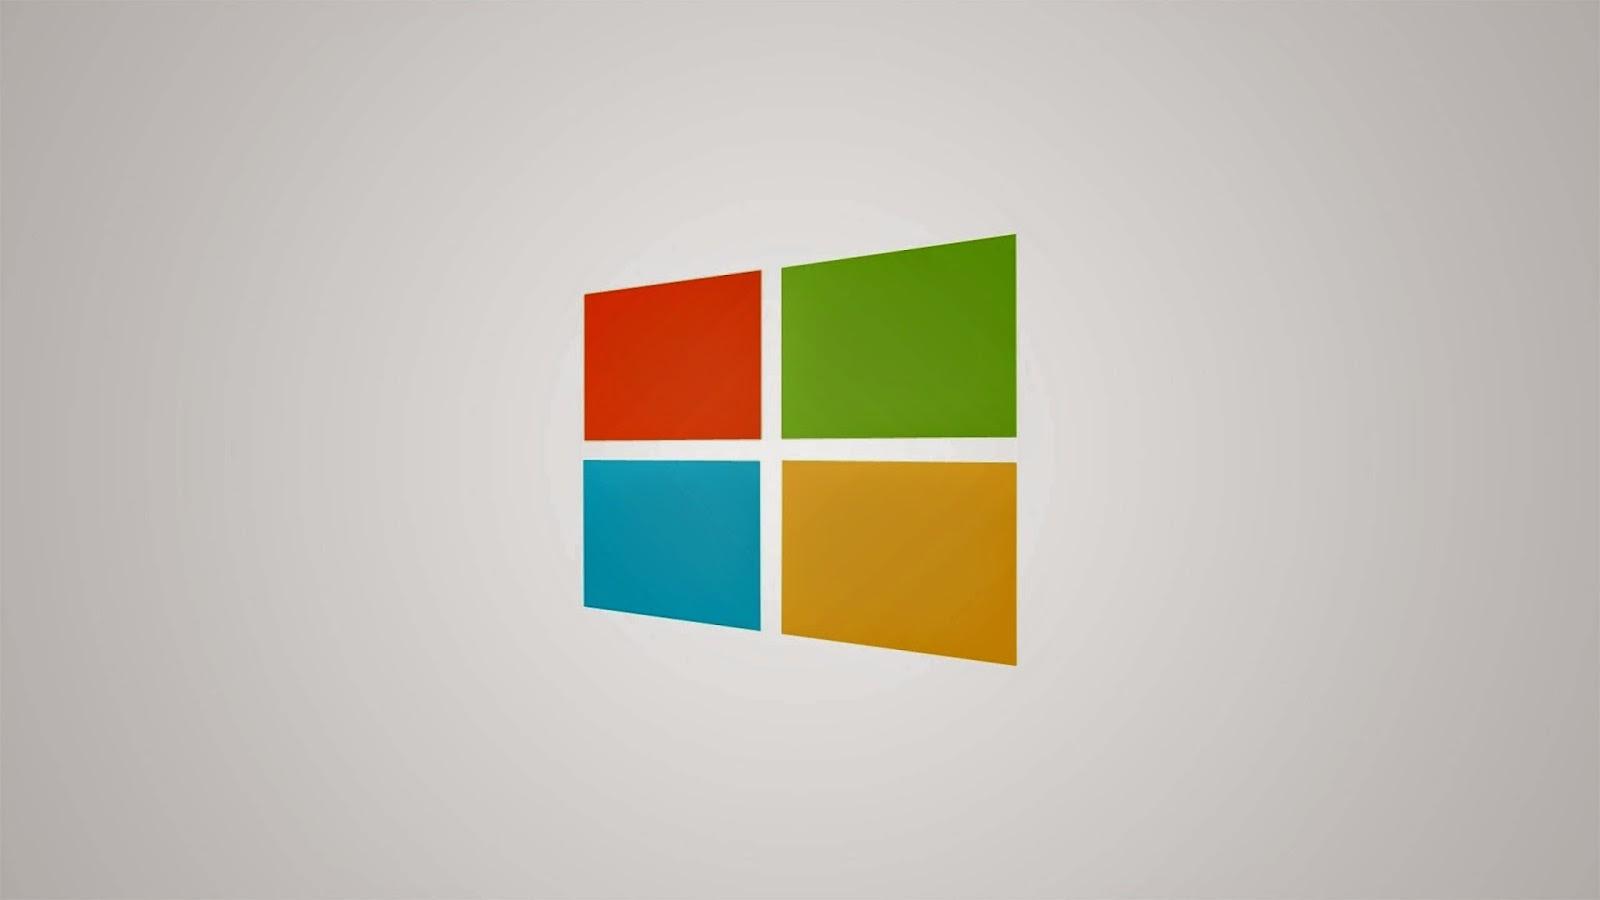 Windows8-logo-white-grey-ash-theme-wallpaper-free-download.jpg